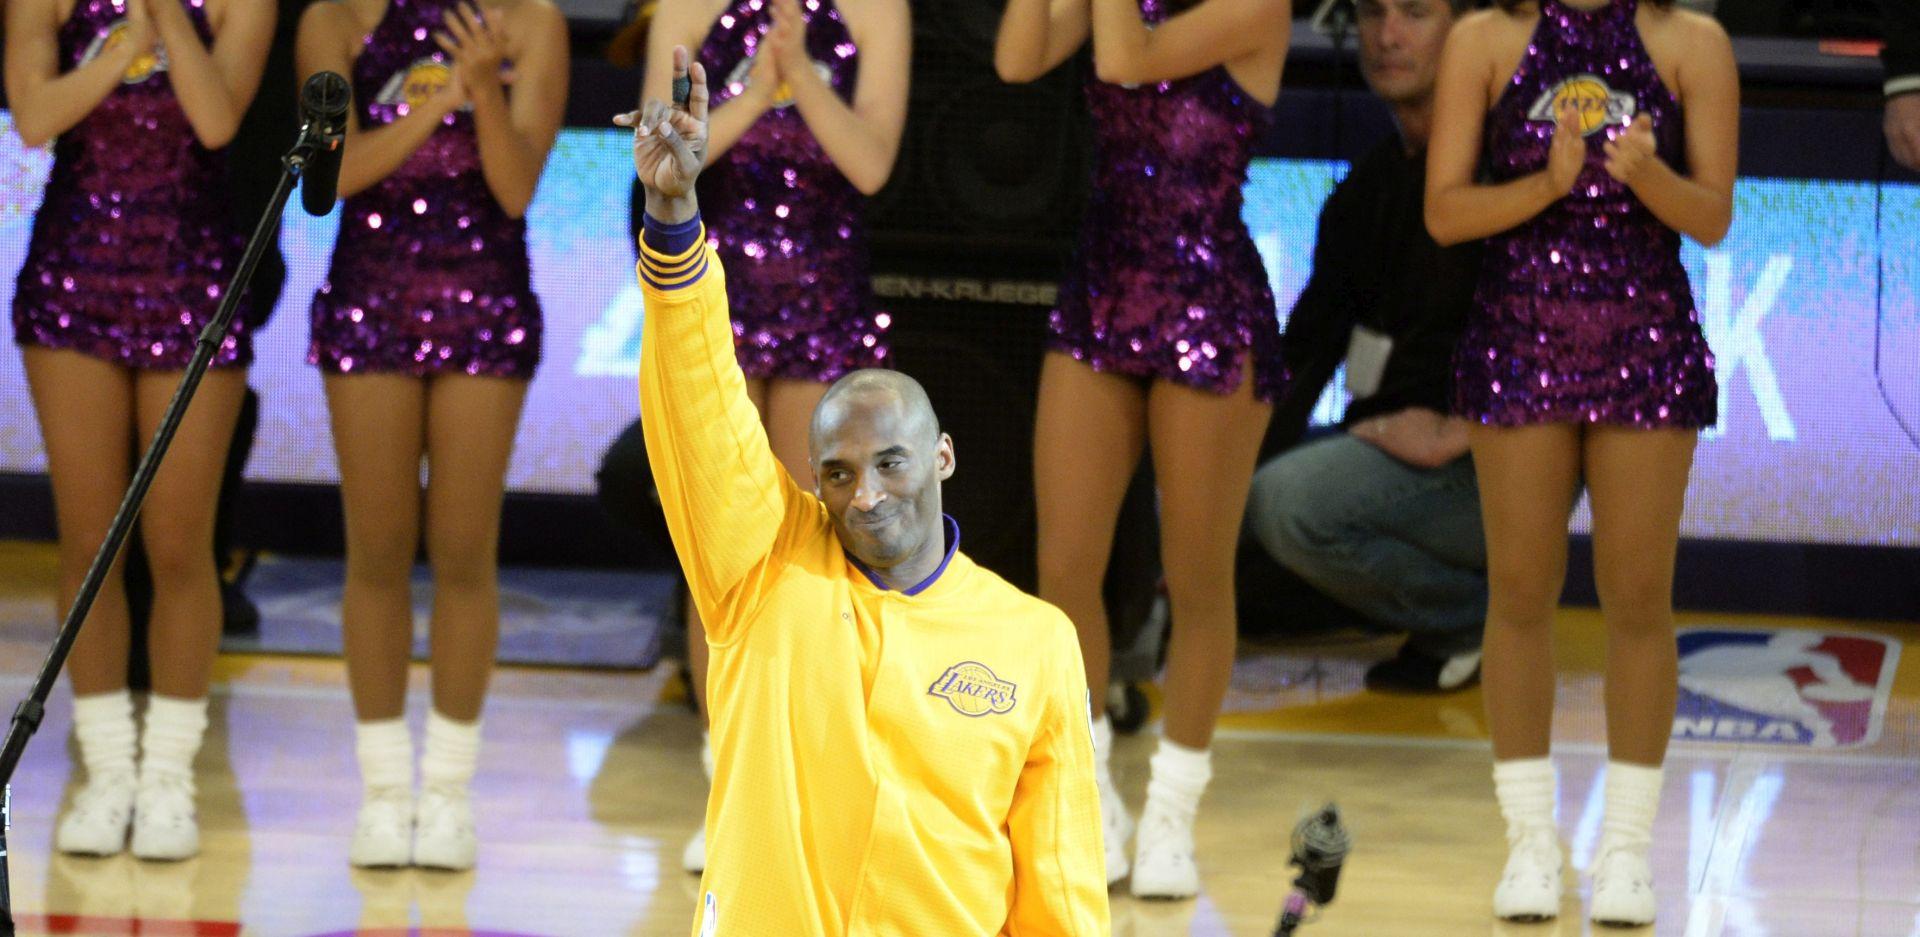 VIDEO: KRAJ NAKON 20 GODINA U LAKERSIMA Kobe Bryant oprostio se sa 60 koševa